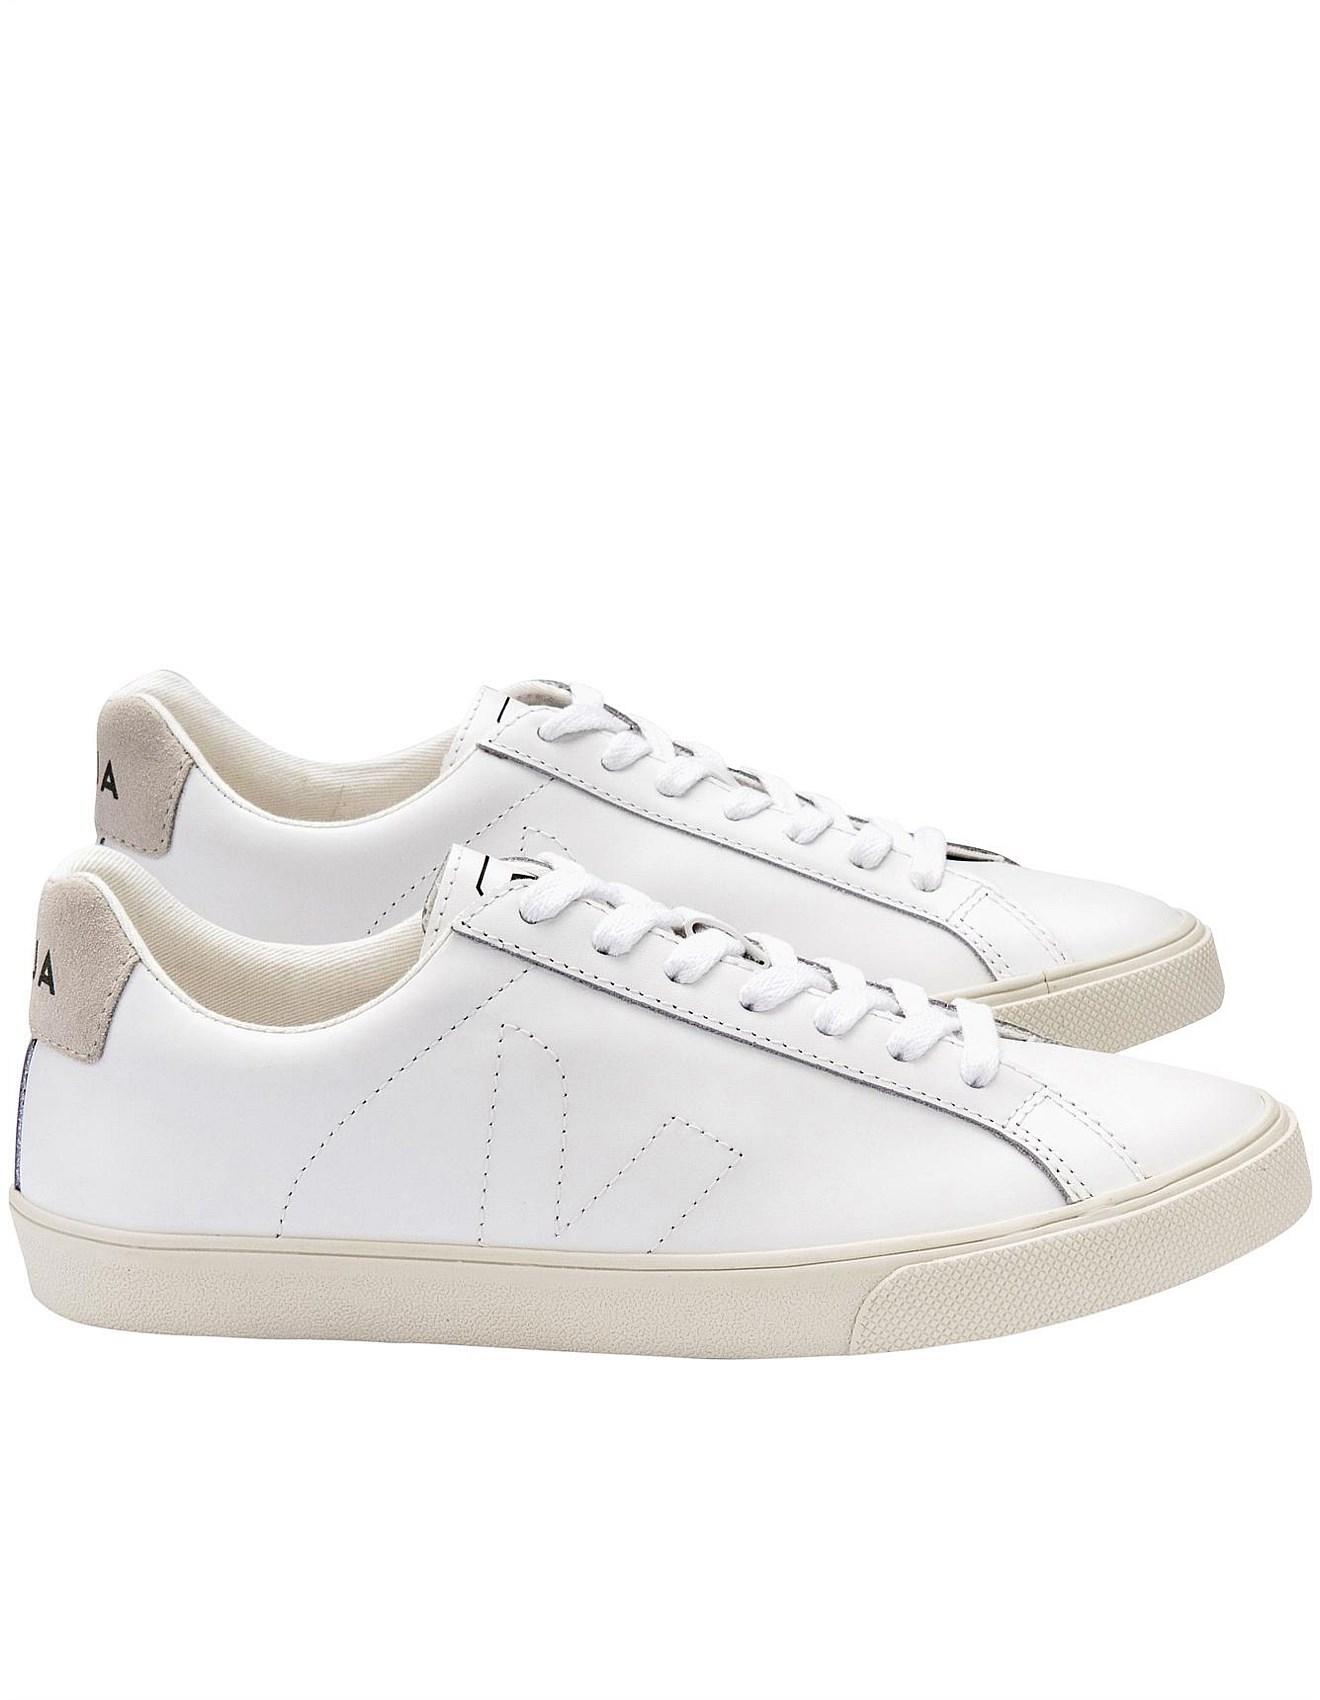 Veja - ESPLAR Sneaker